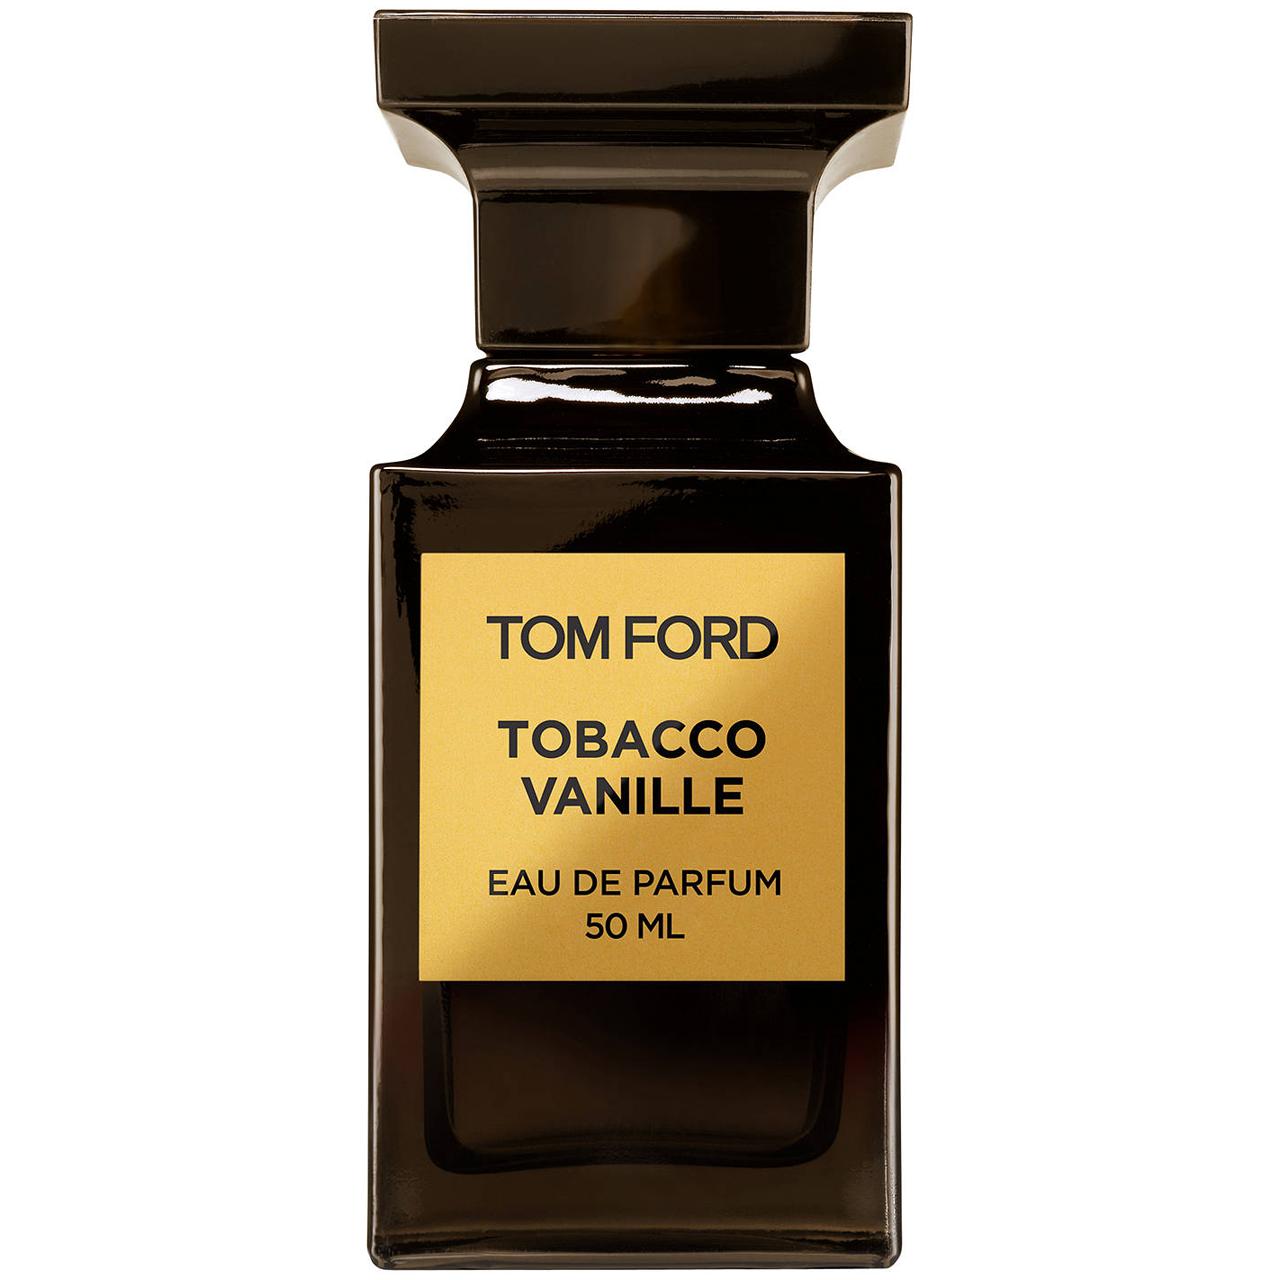 ادو پرفیوم تام فورد مدل Tobacco Vanille حجم 100 میلی لیتر